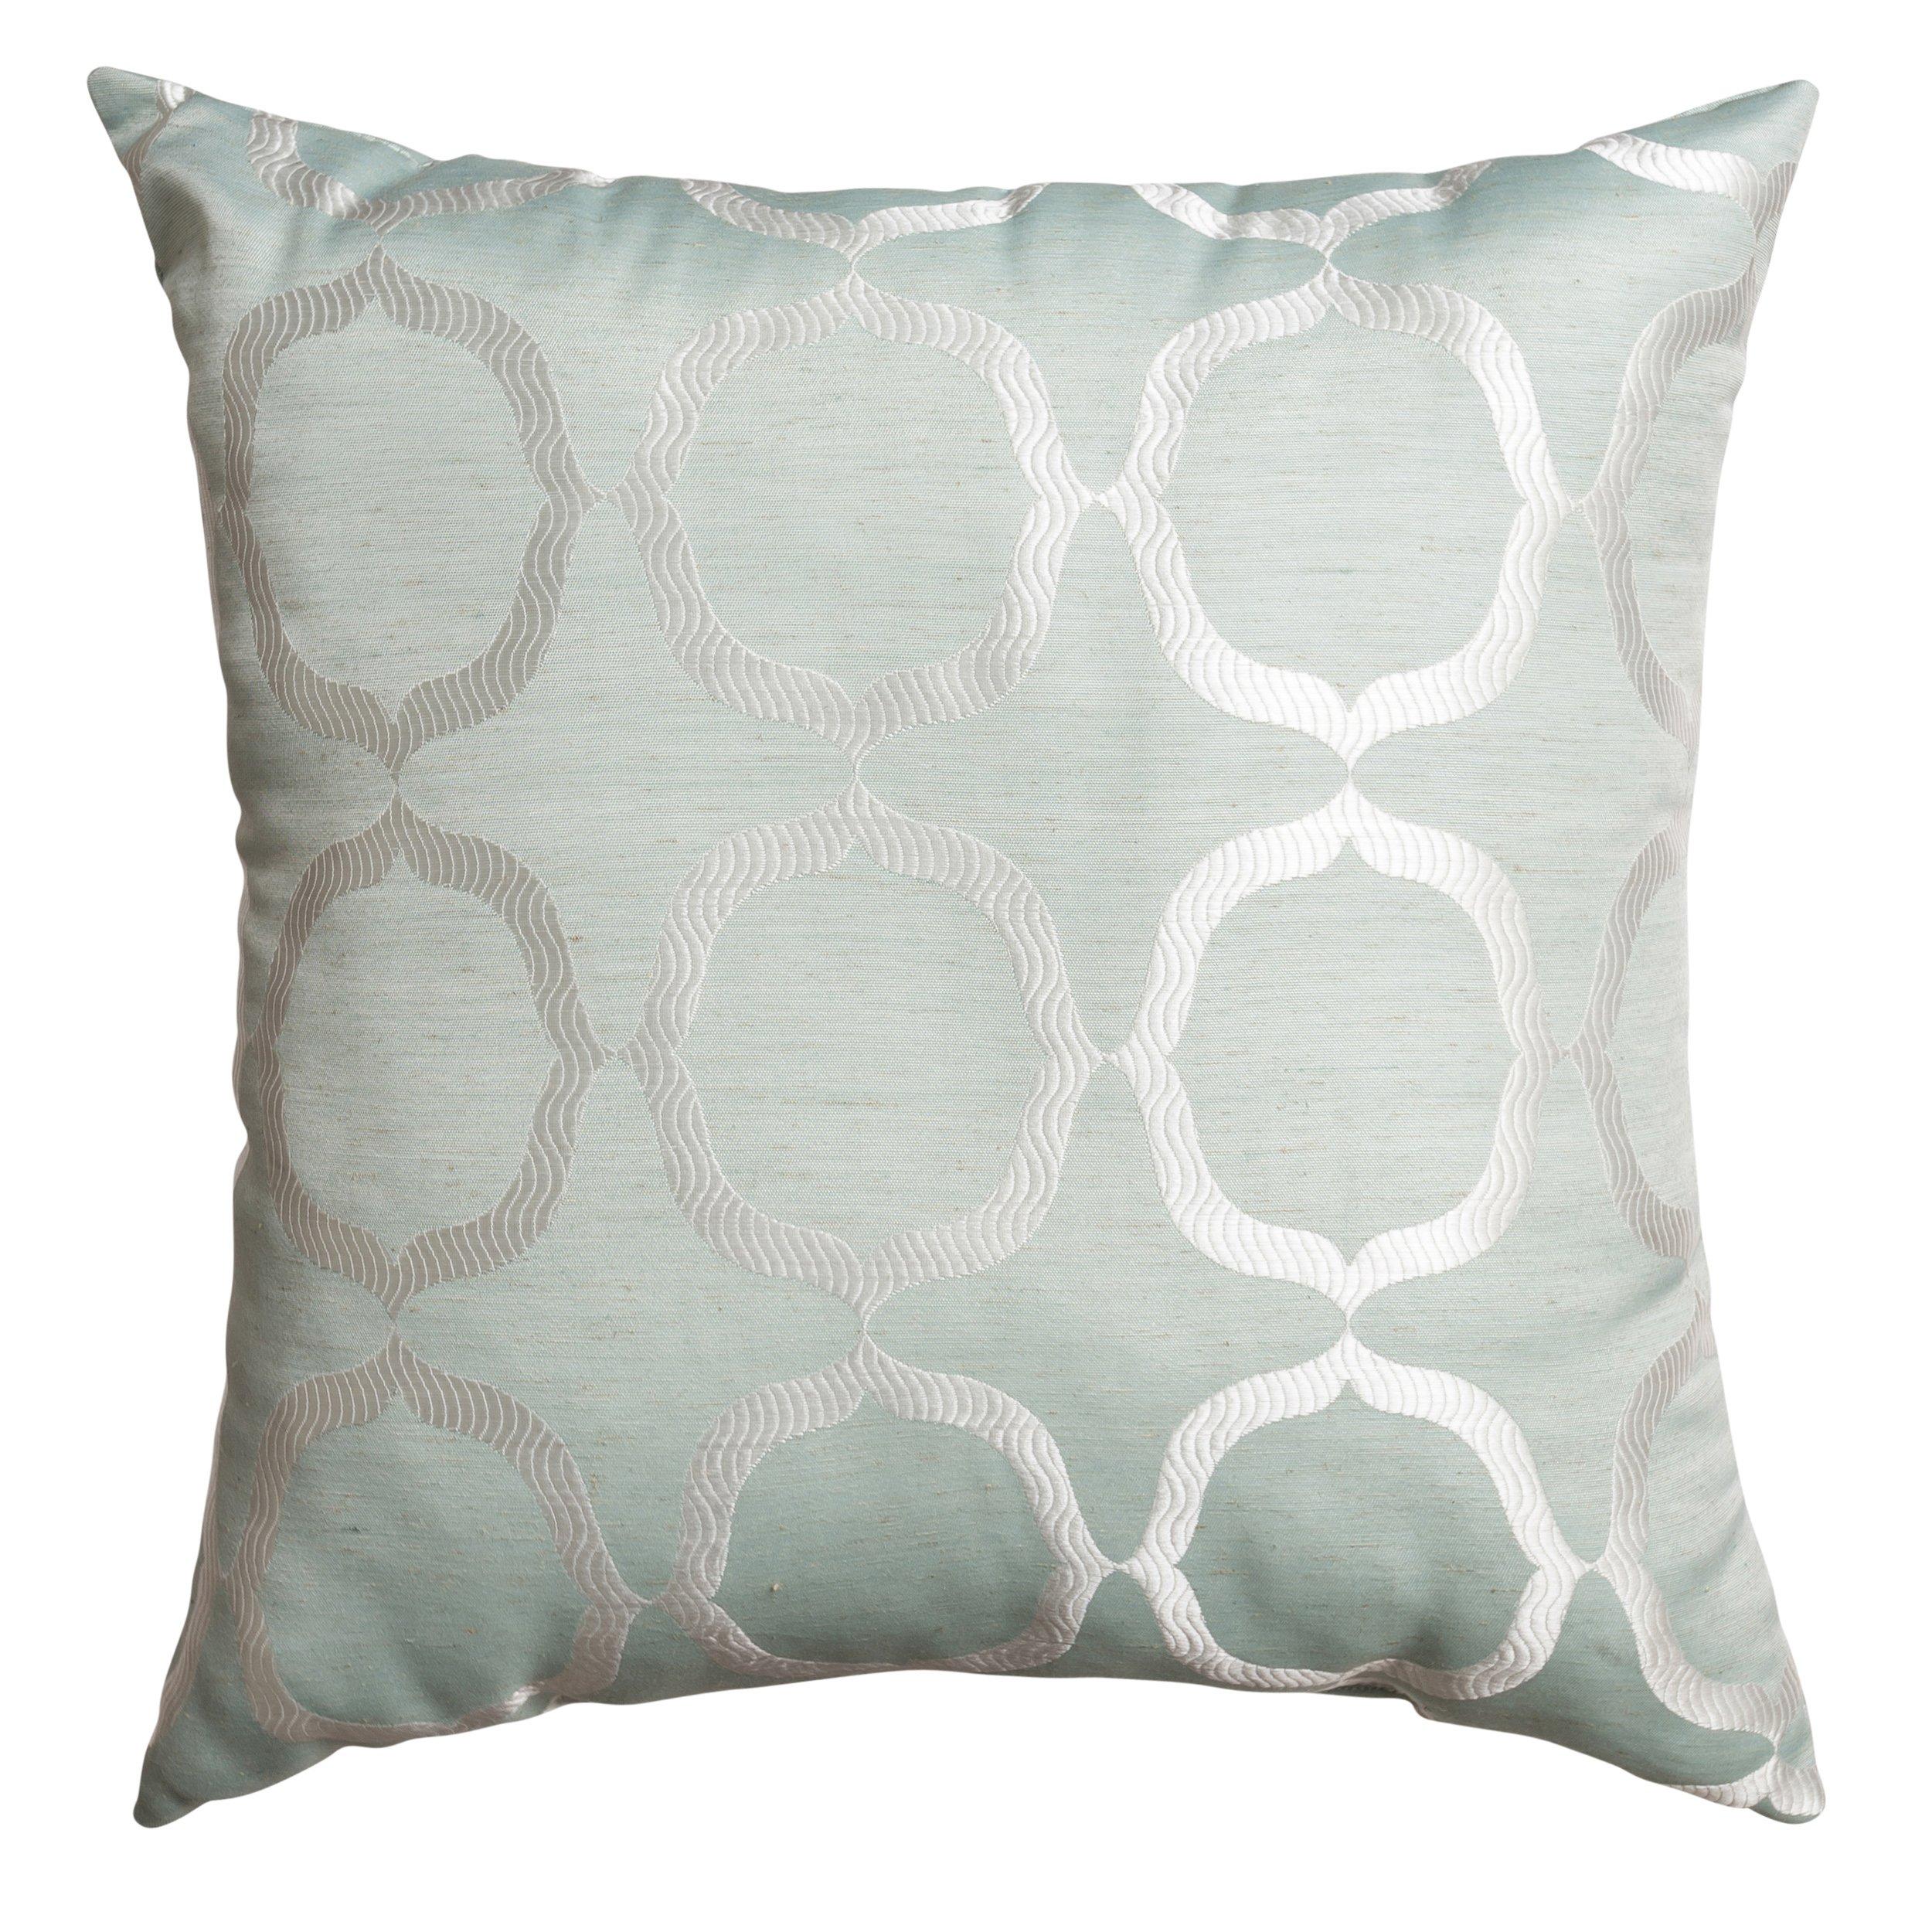 Softline Home Fashions 924LND468118XPF Lapeer Throw Pillow, Spa